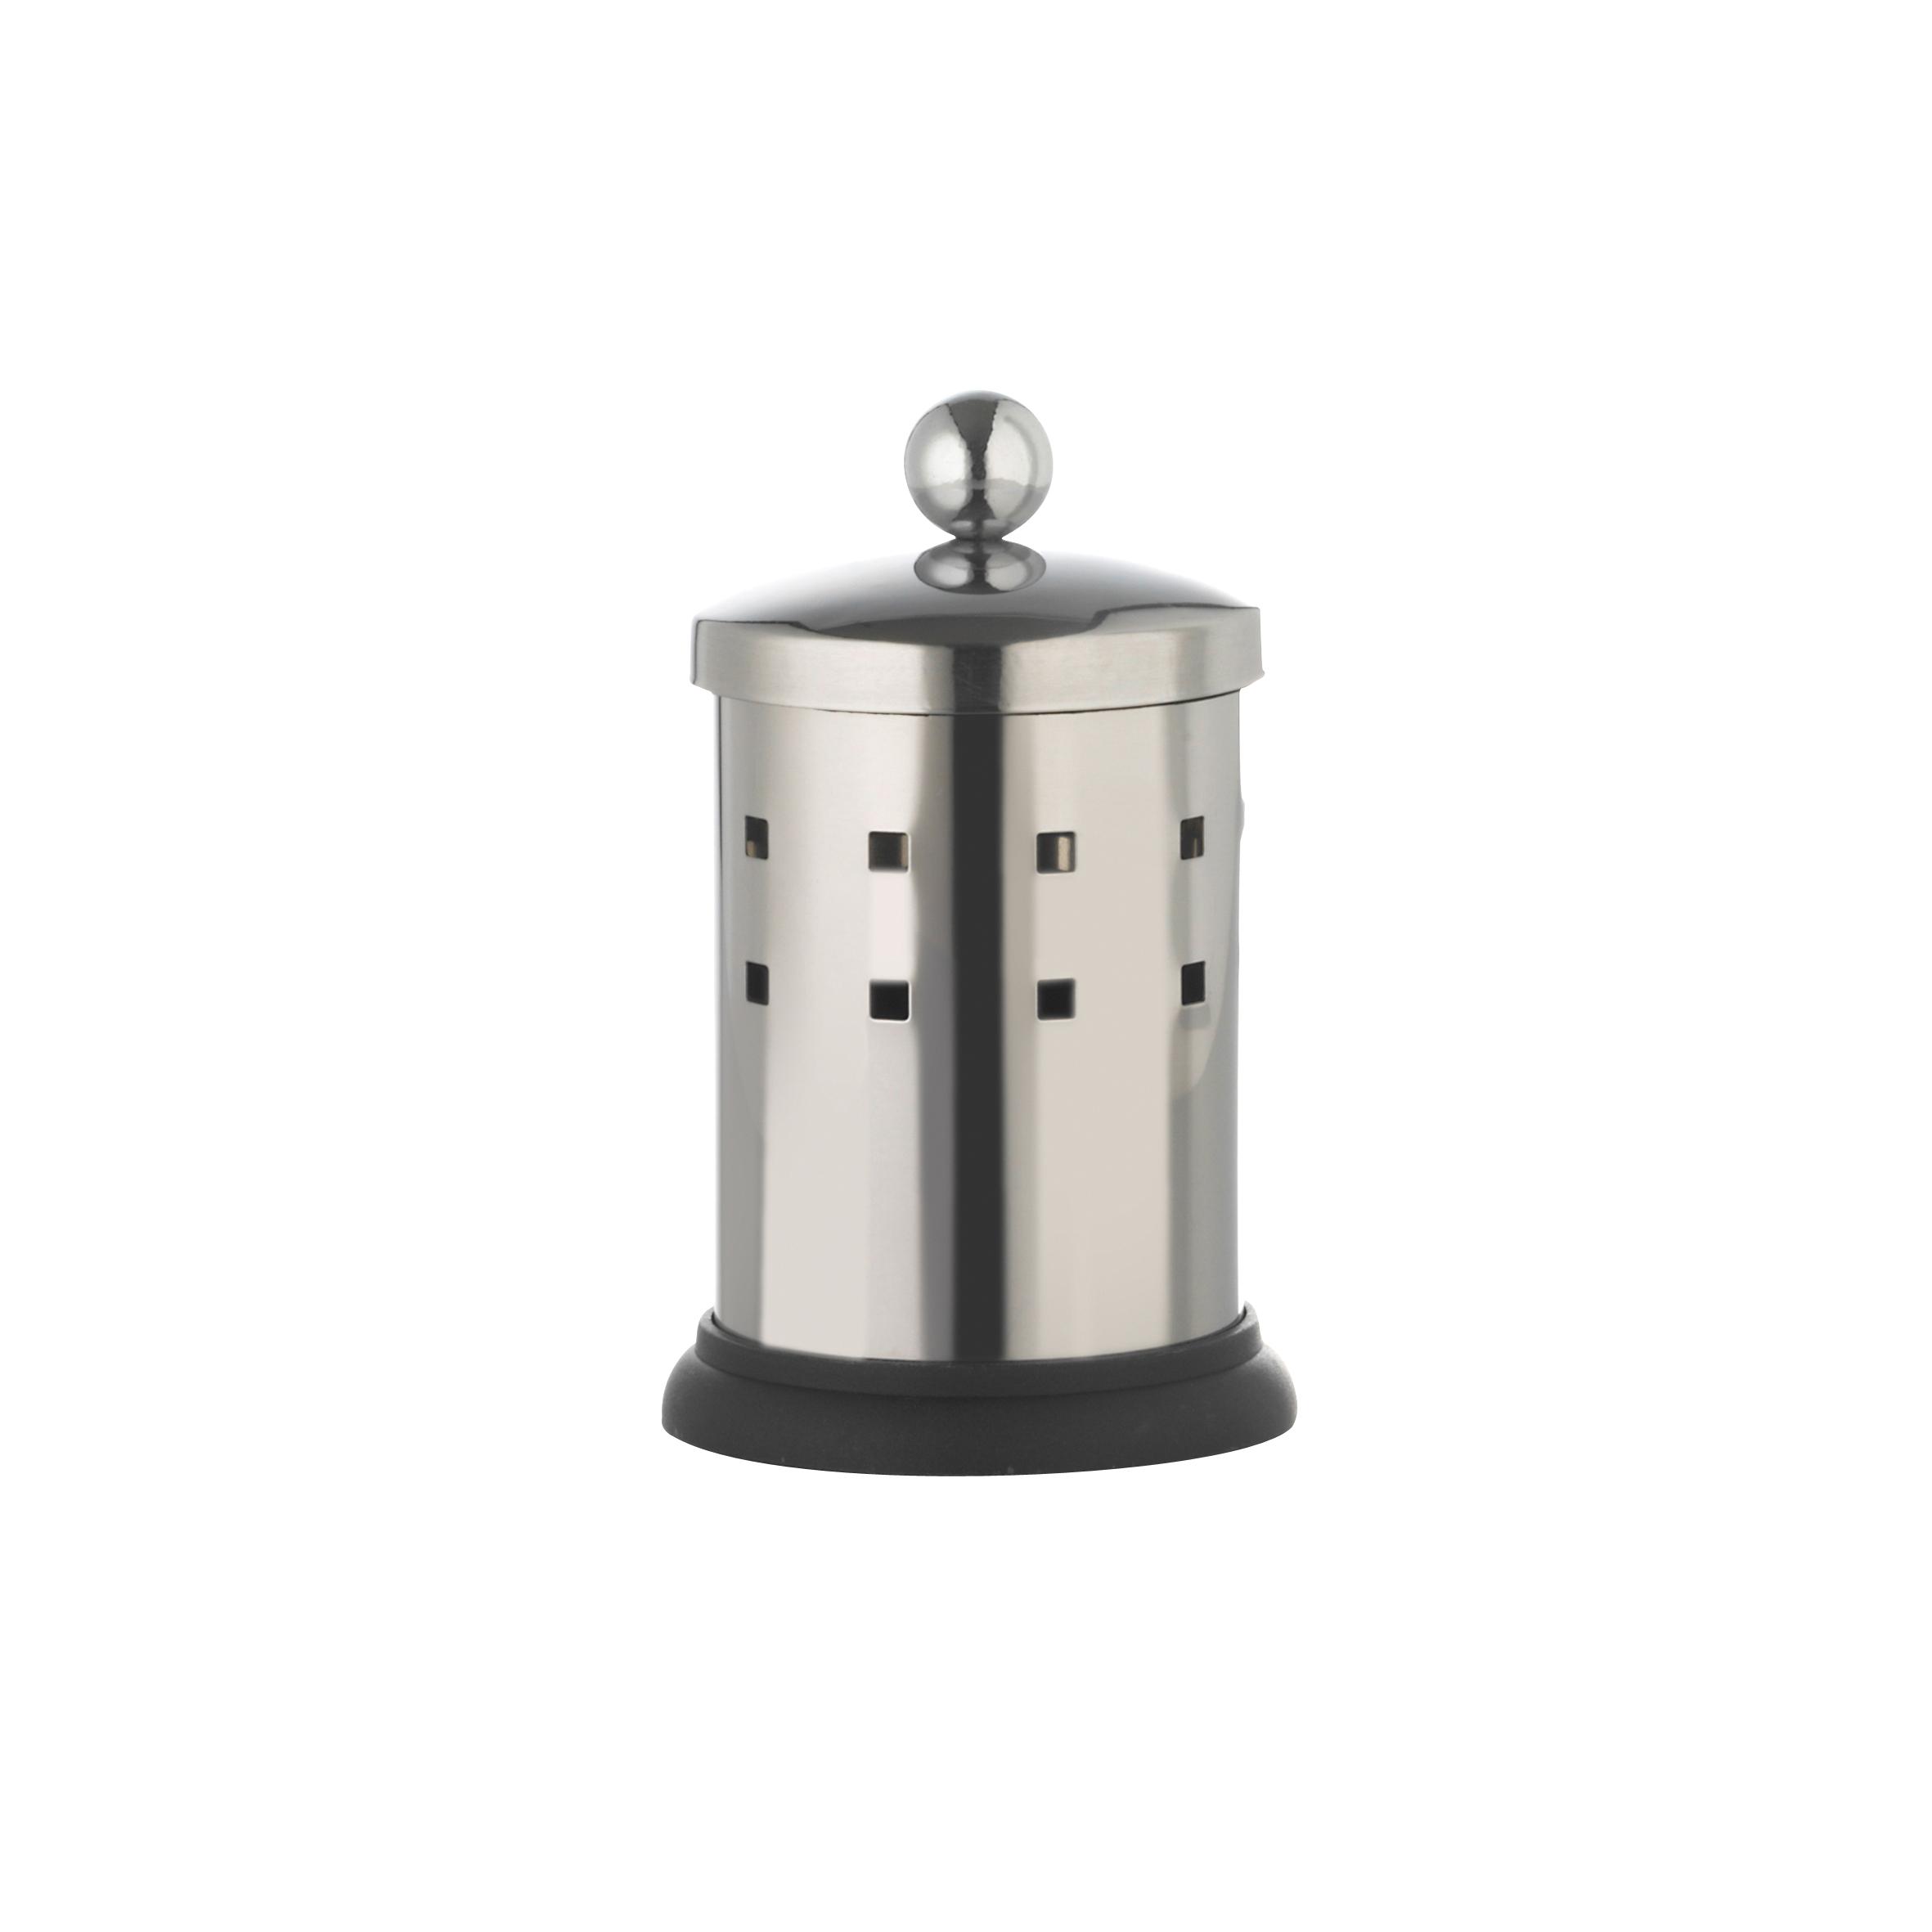 Емкость для хранения ватных палочек Axentia, с крышкой, высота 13 см282450Емкость Axentia, изготовленная из нержавеющей стали со специальной противоскользящей подставкой, предназначена для компактного хранения ватных палочек. Изделие оснащено крышкой. Емкость для хранения ватных палочек Axentia удобна в использовании и экономит место. Высота емкости: 13 см. Диаметр основания емкости: 7 см.